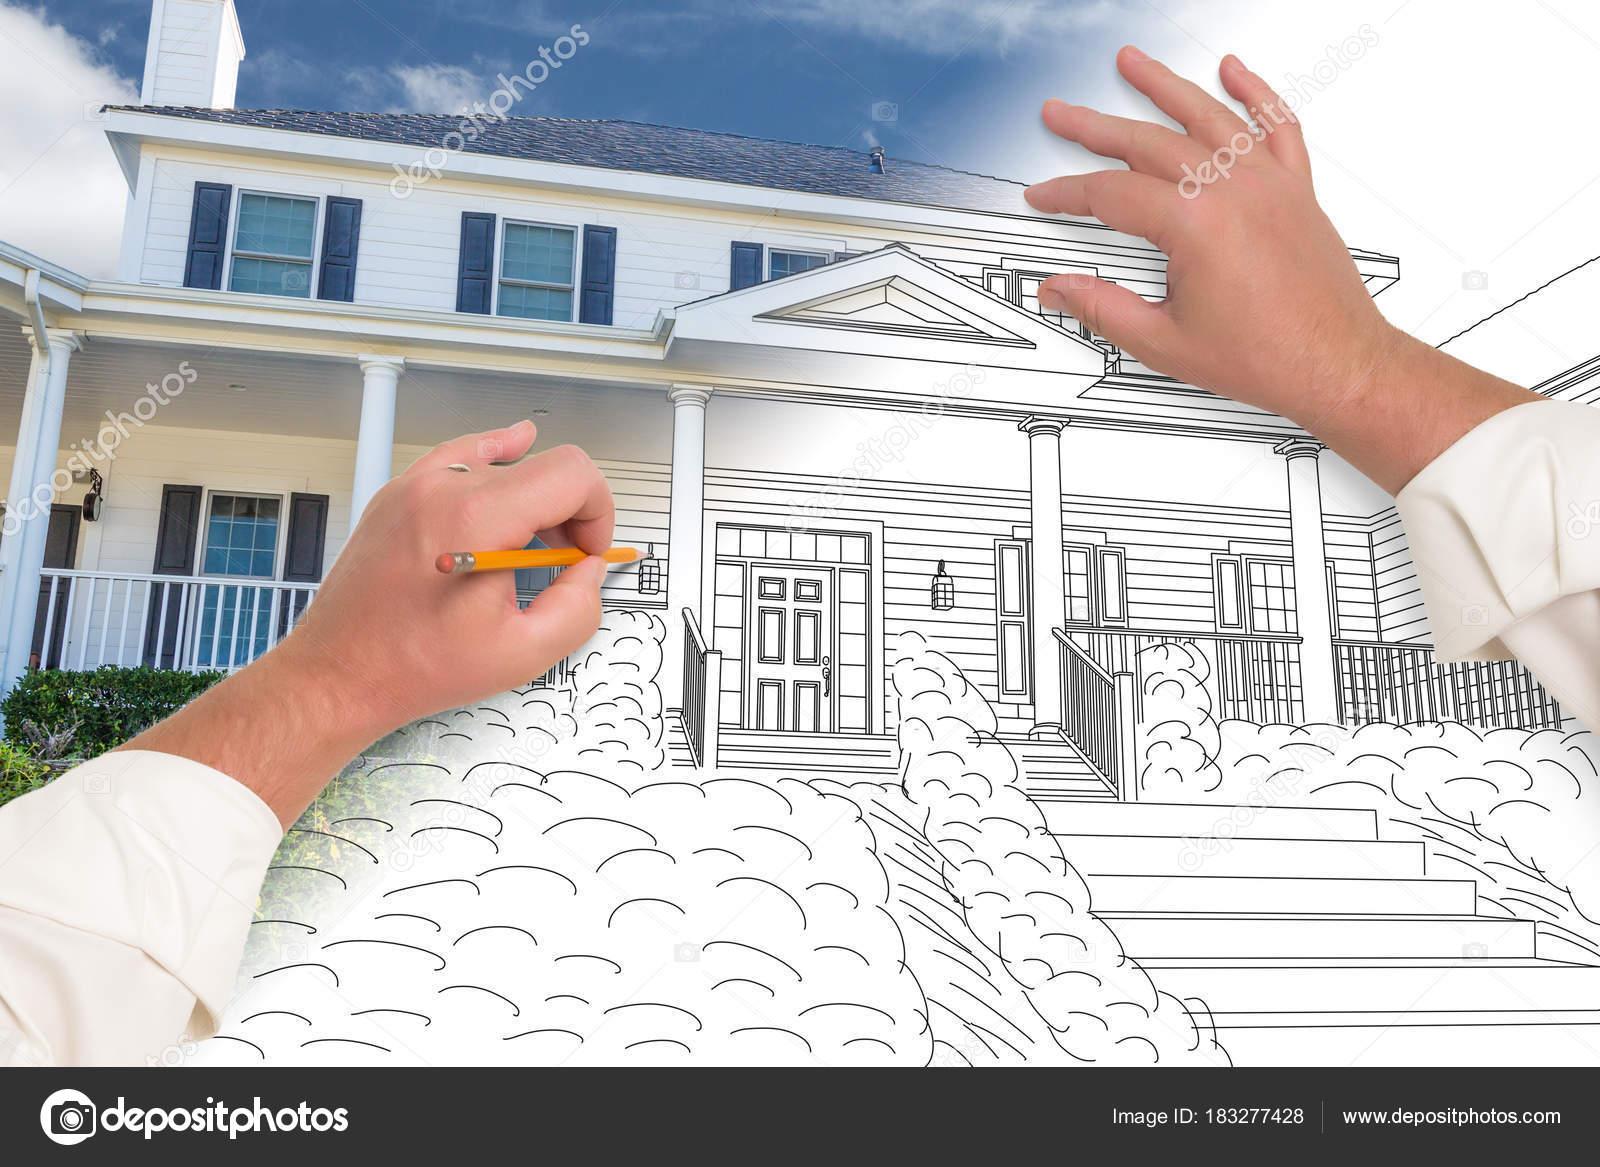 Disegnare casa arredare casa with disegnare casa latest disegno arredamento interni gratis - Disegnare casa on line ...